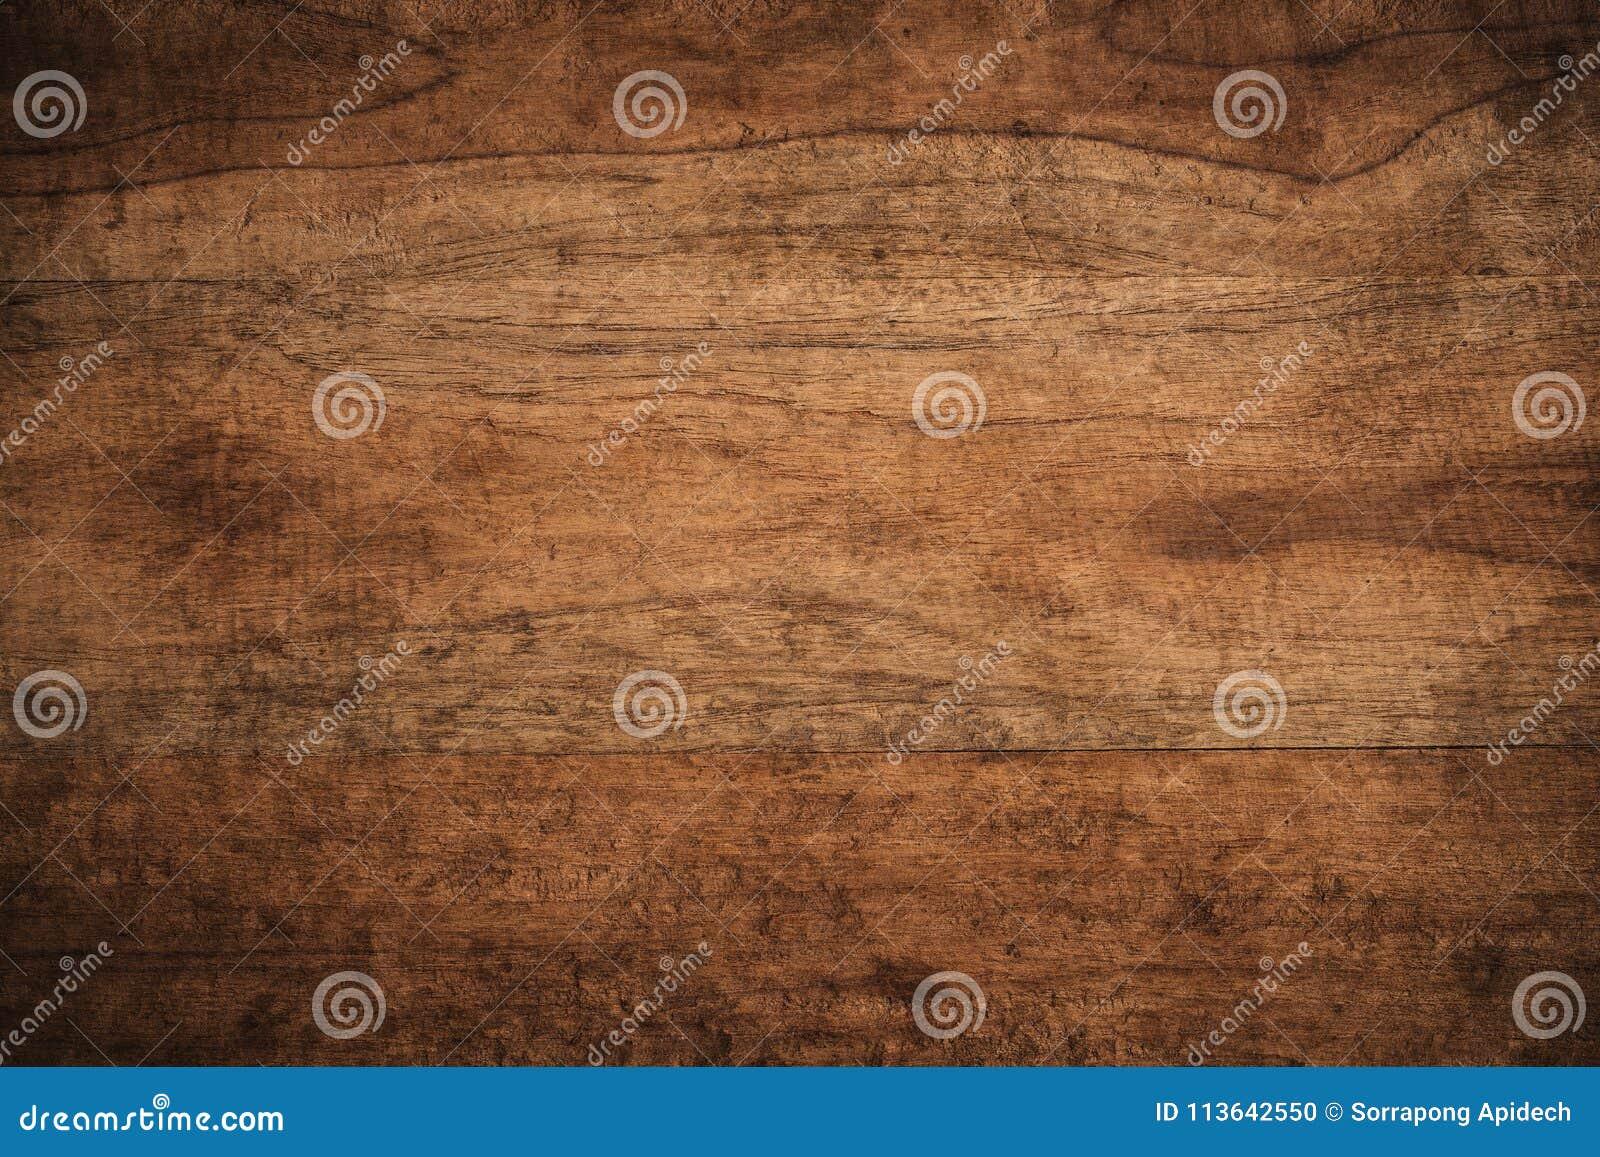 Oude grunge donkere geweven houten achtergrond, de oppervlakte van ol